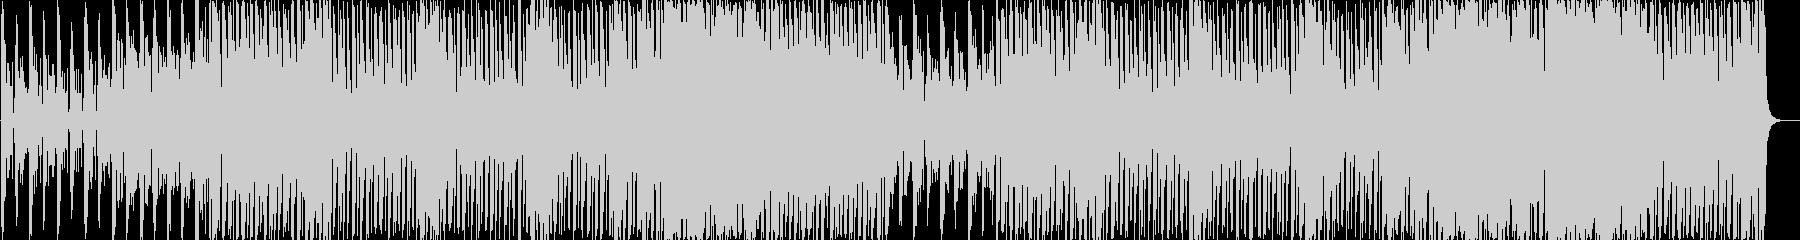 伝統的なフォークバルカンエア。の未再生の波形